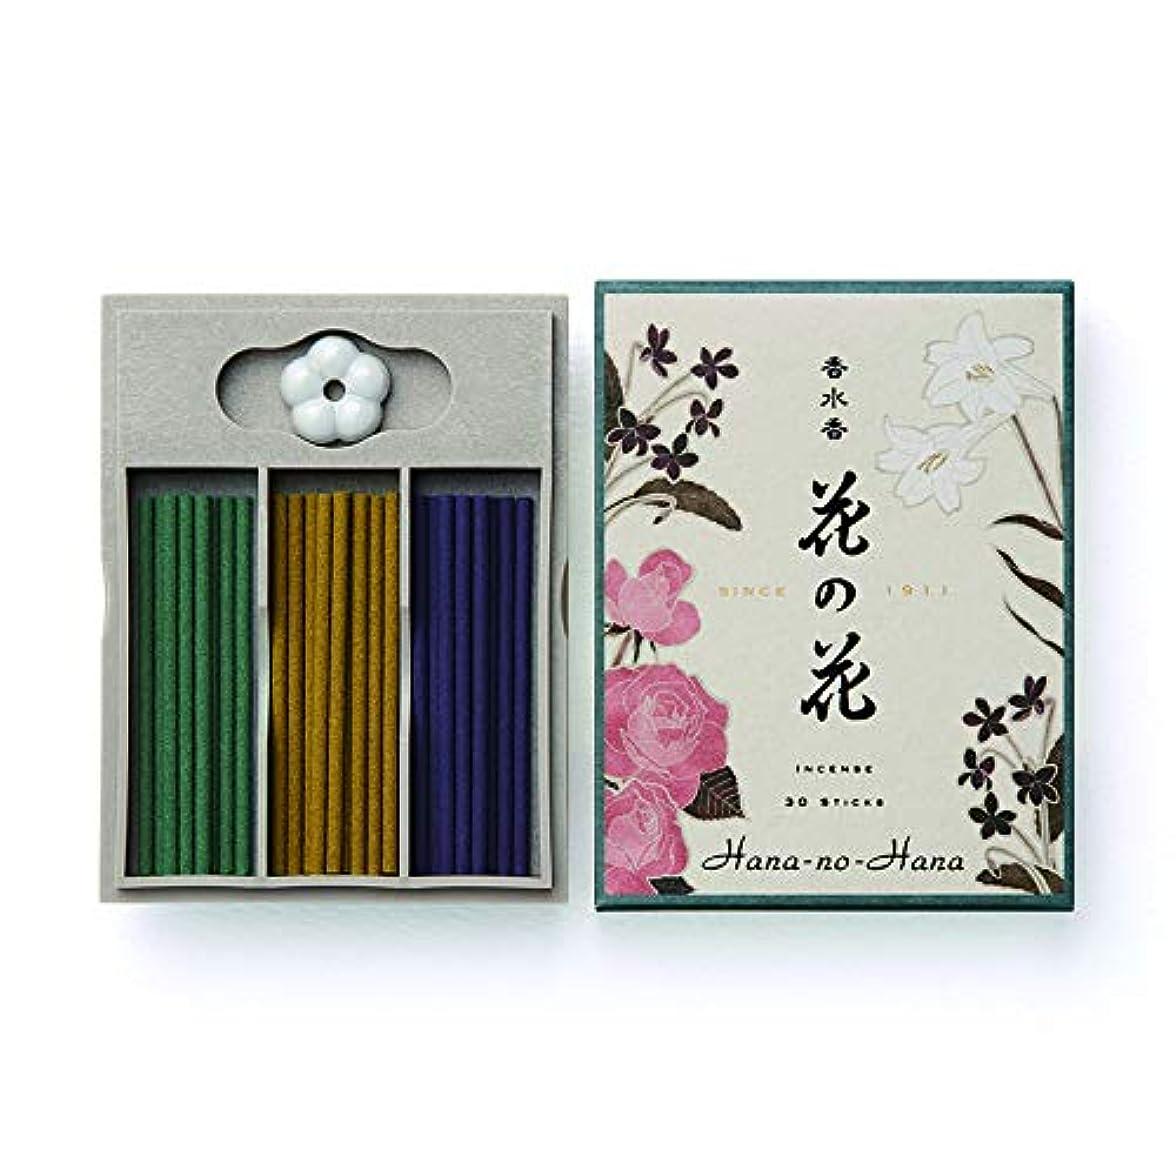 ピッチナースカニお香 香水香花の花 3種入 S30本入(30001)